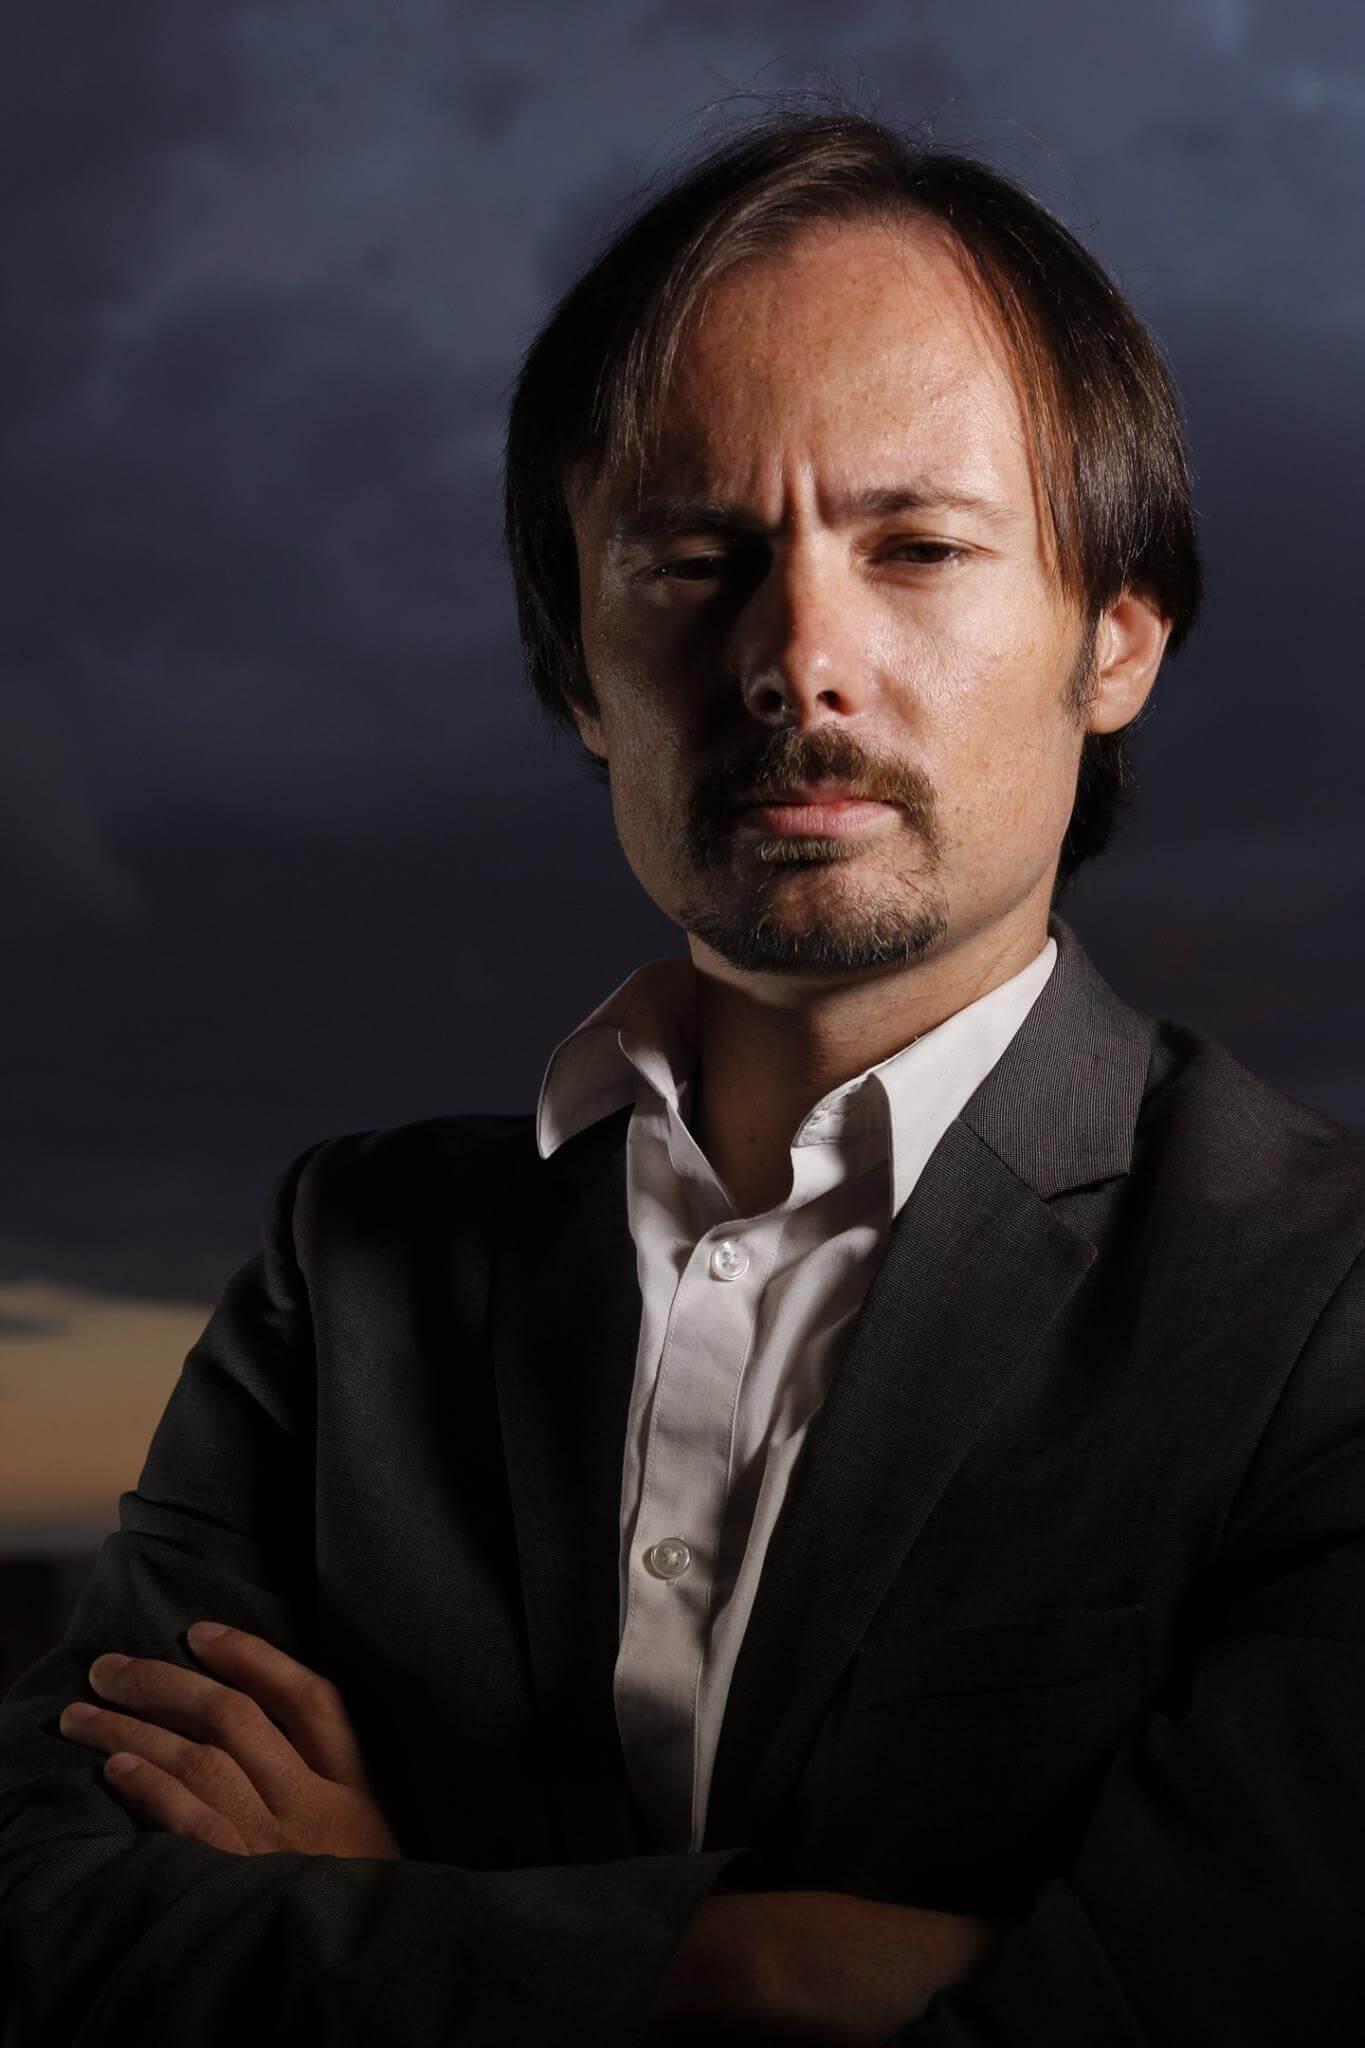 Martín López Saiz